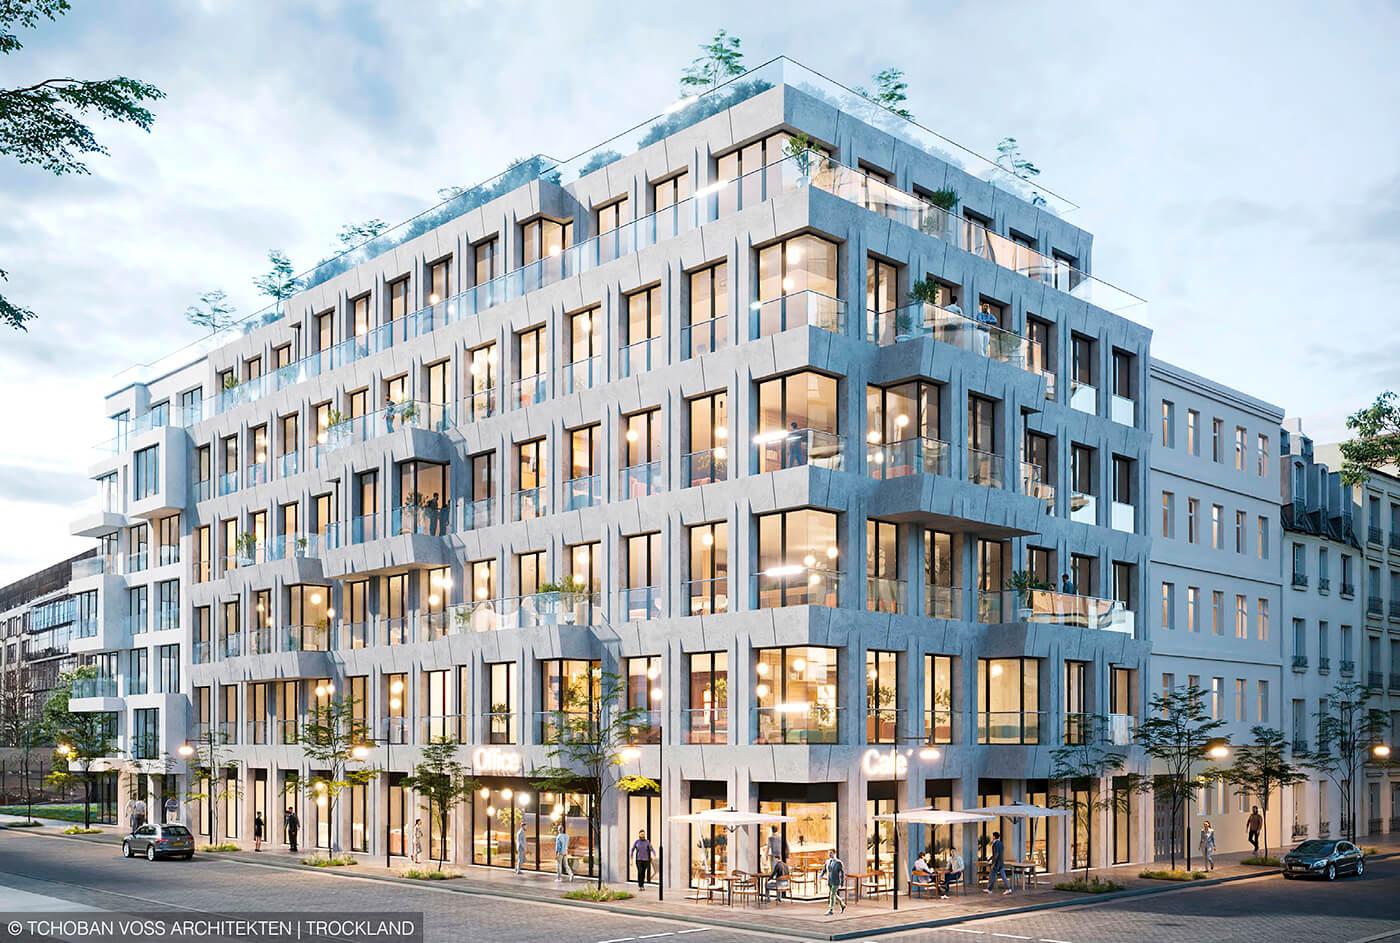 LINUS Digital Finance arbeitet erstmals mit Trockland Management bei der Finanzierung eines Office- und Apartment-Projekts in Berlin- Mitte zusammen